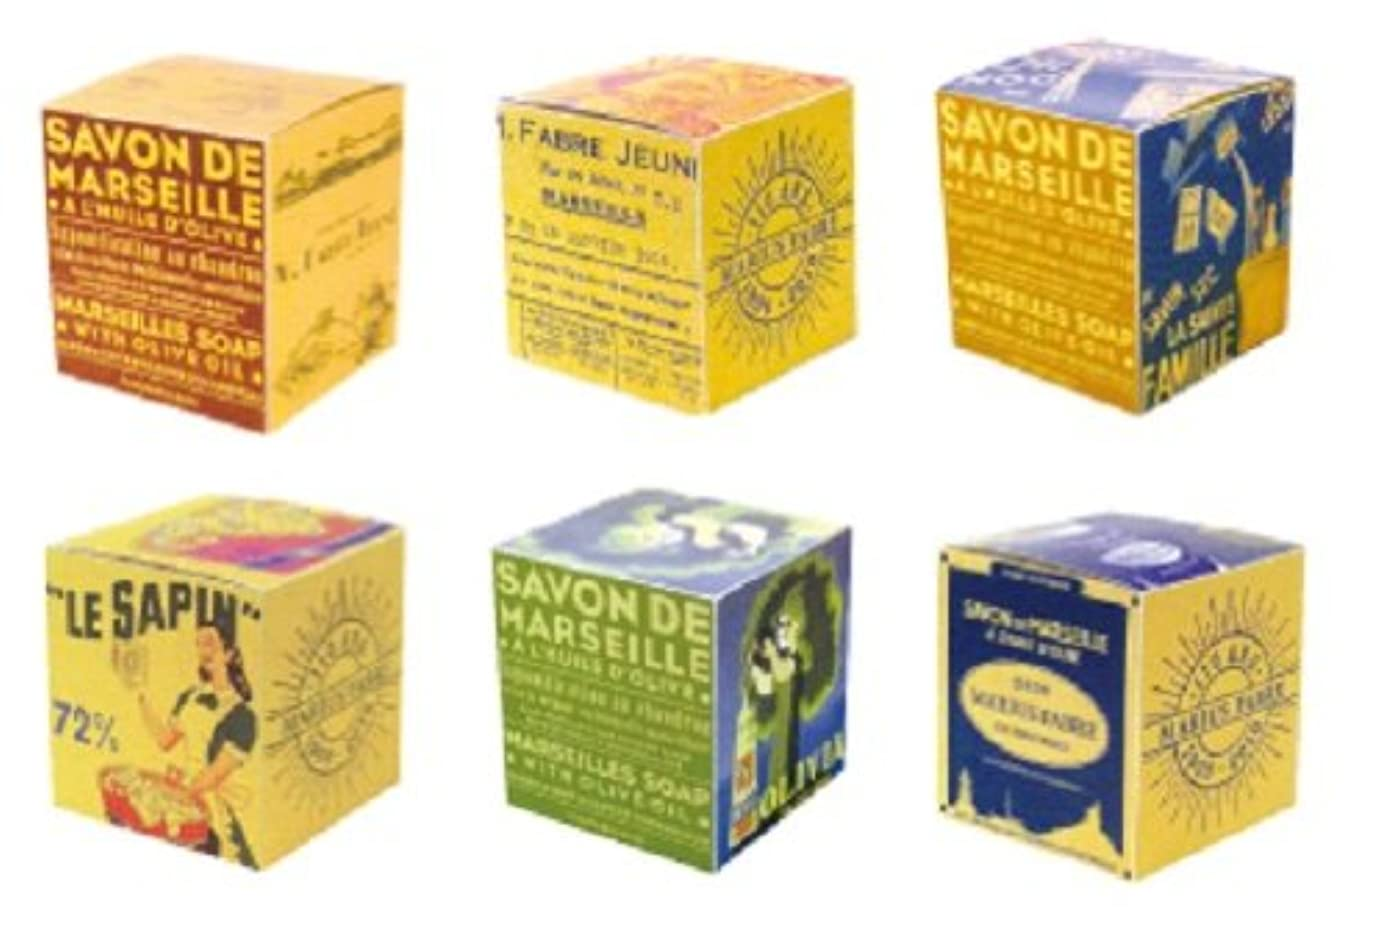 酸化する膨らませる感謝するマリウスファーブル サボンドマルセイユBOXオリーブ200g(箱の柄のご指定はできません)